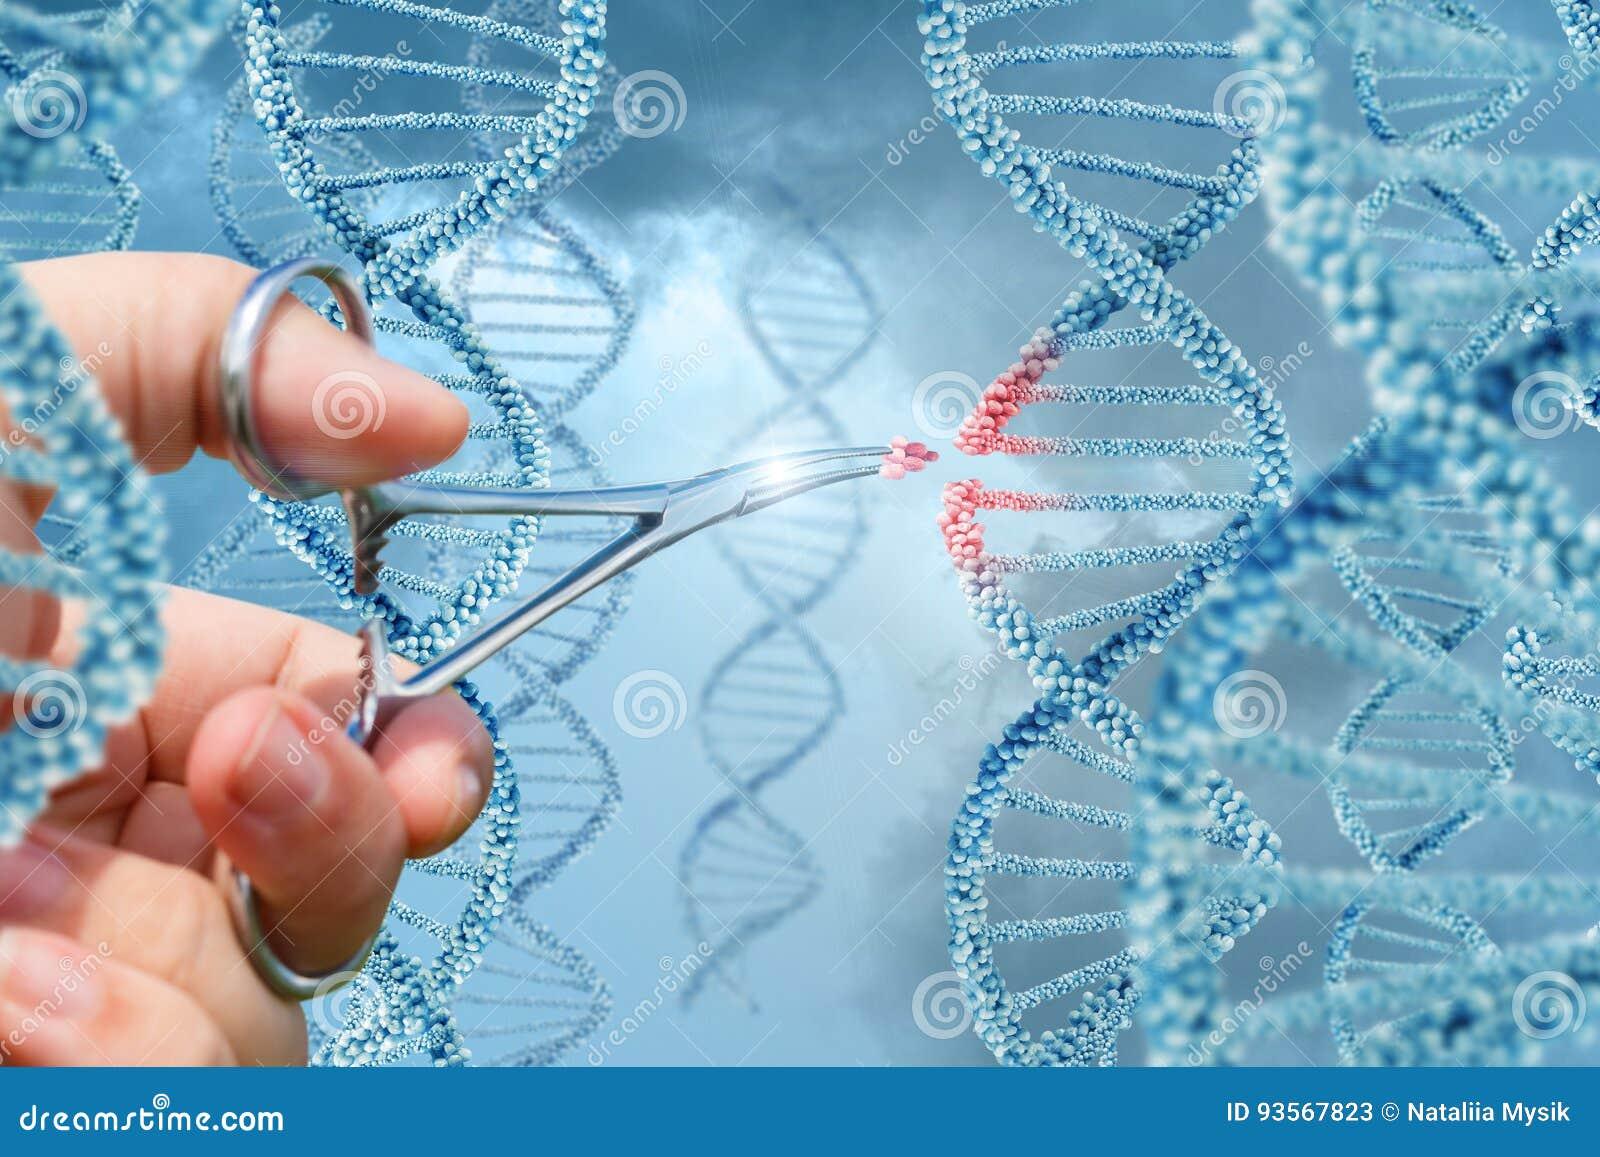 Το χέρι παρεμβάλλει ένα μόριο στο DNA